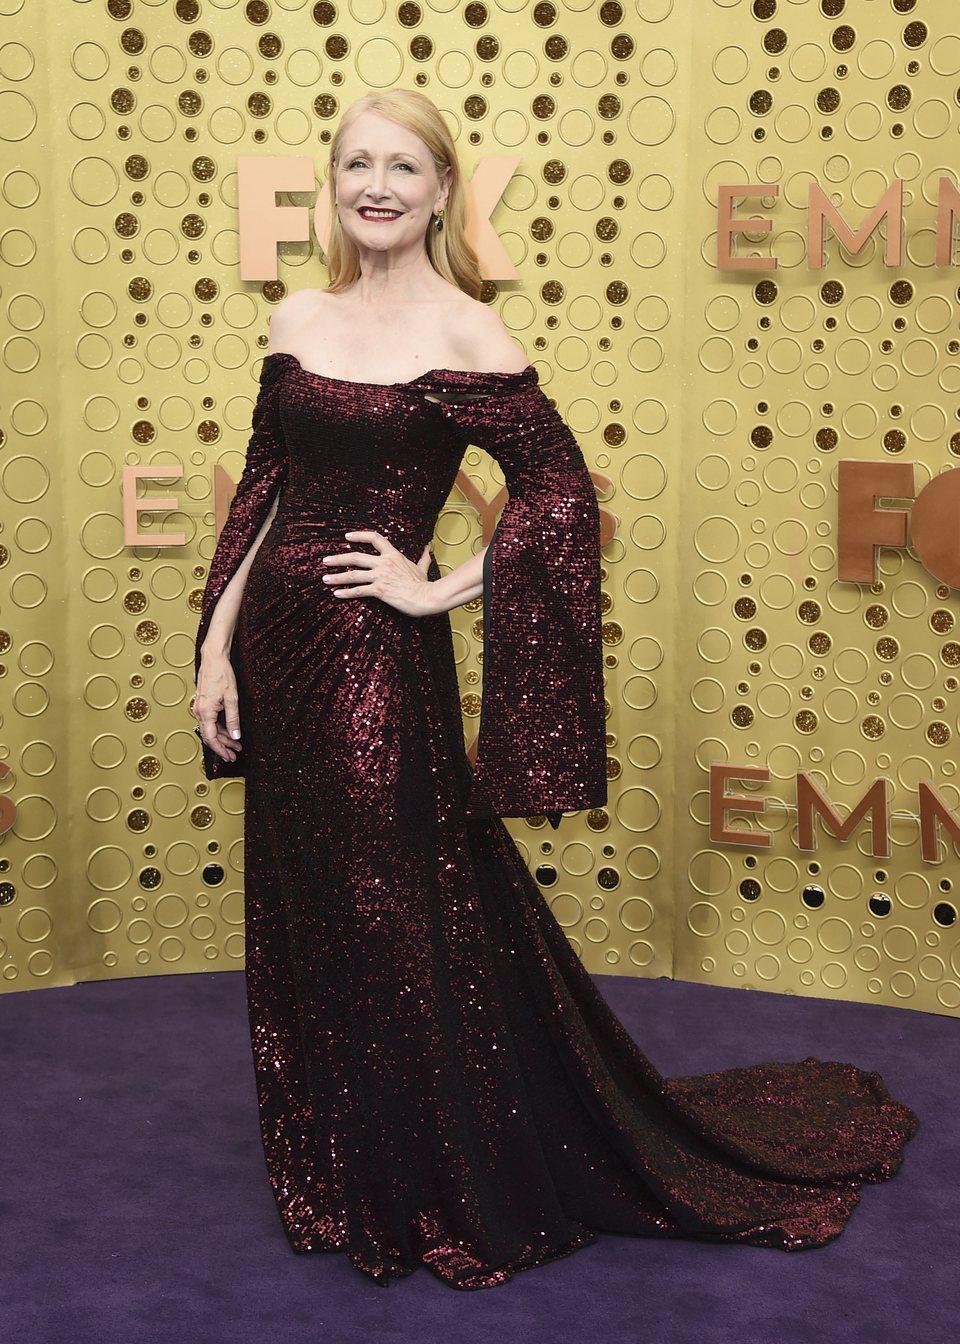 Patricia Clarkson en la alfombra roja de los premios Emmy 2019